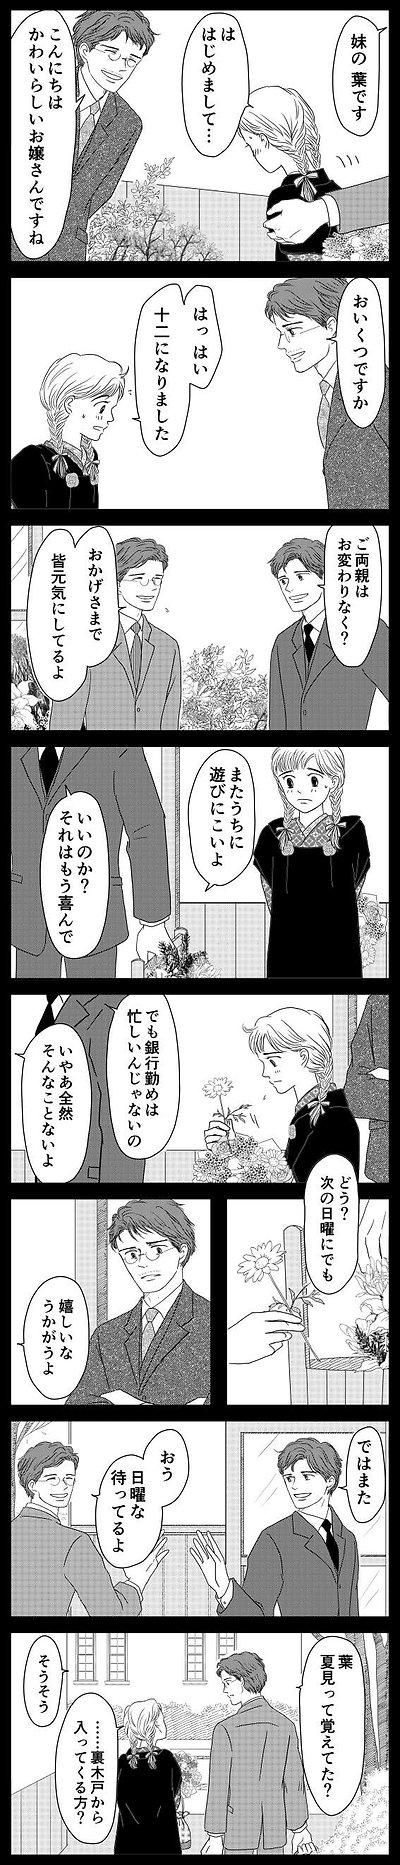 洋輔さん14.jpg